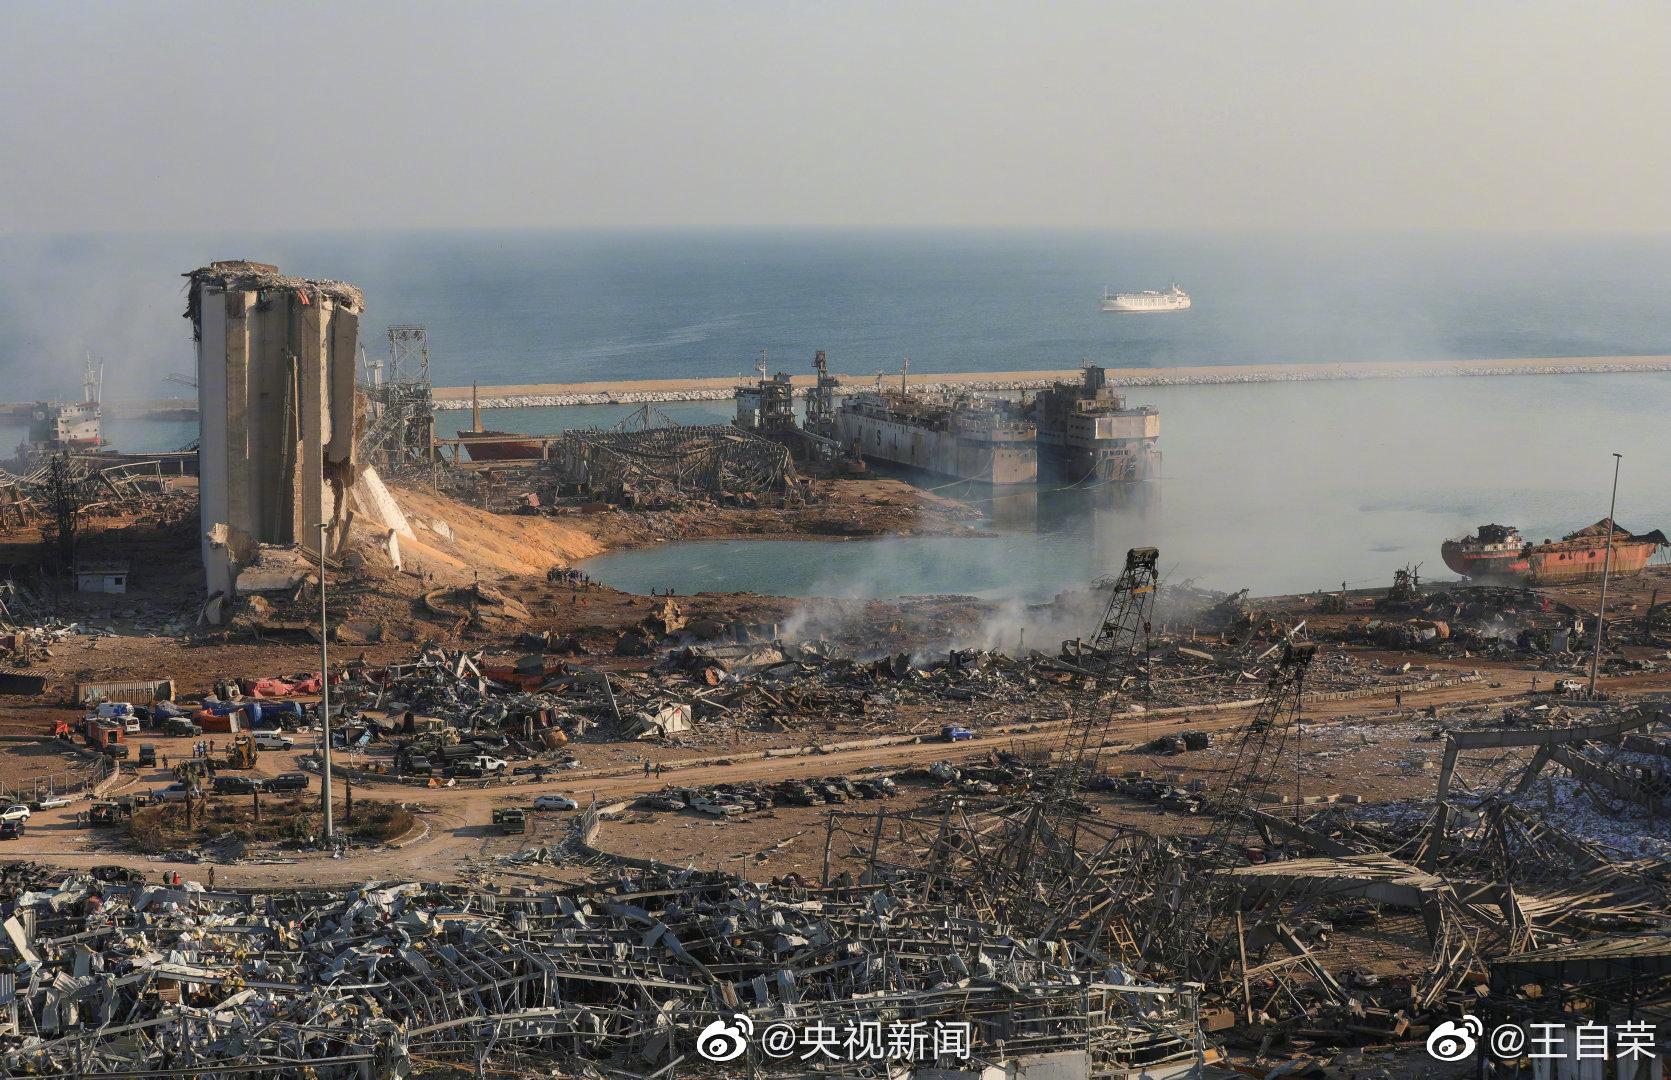 据@央视新闻 黎巴嫩卫生部长表示,贝鲁特港口爆炸已导致113人丧生